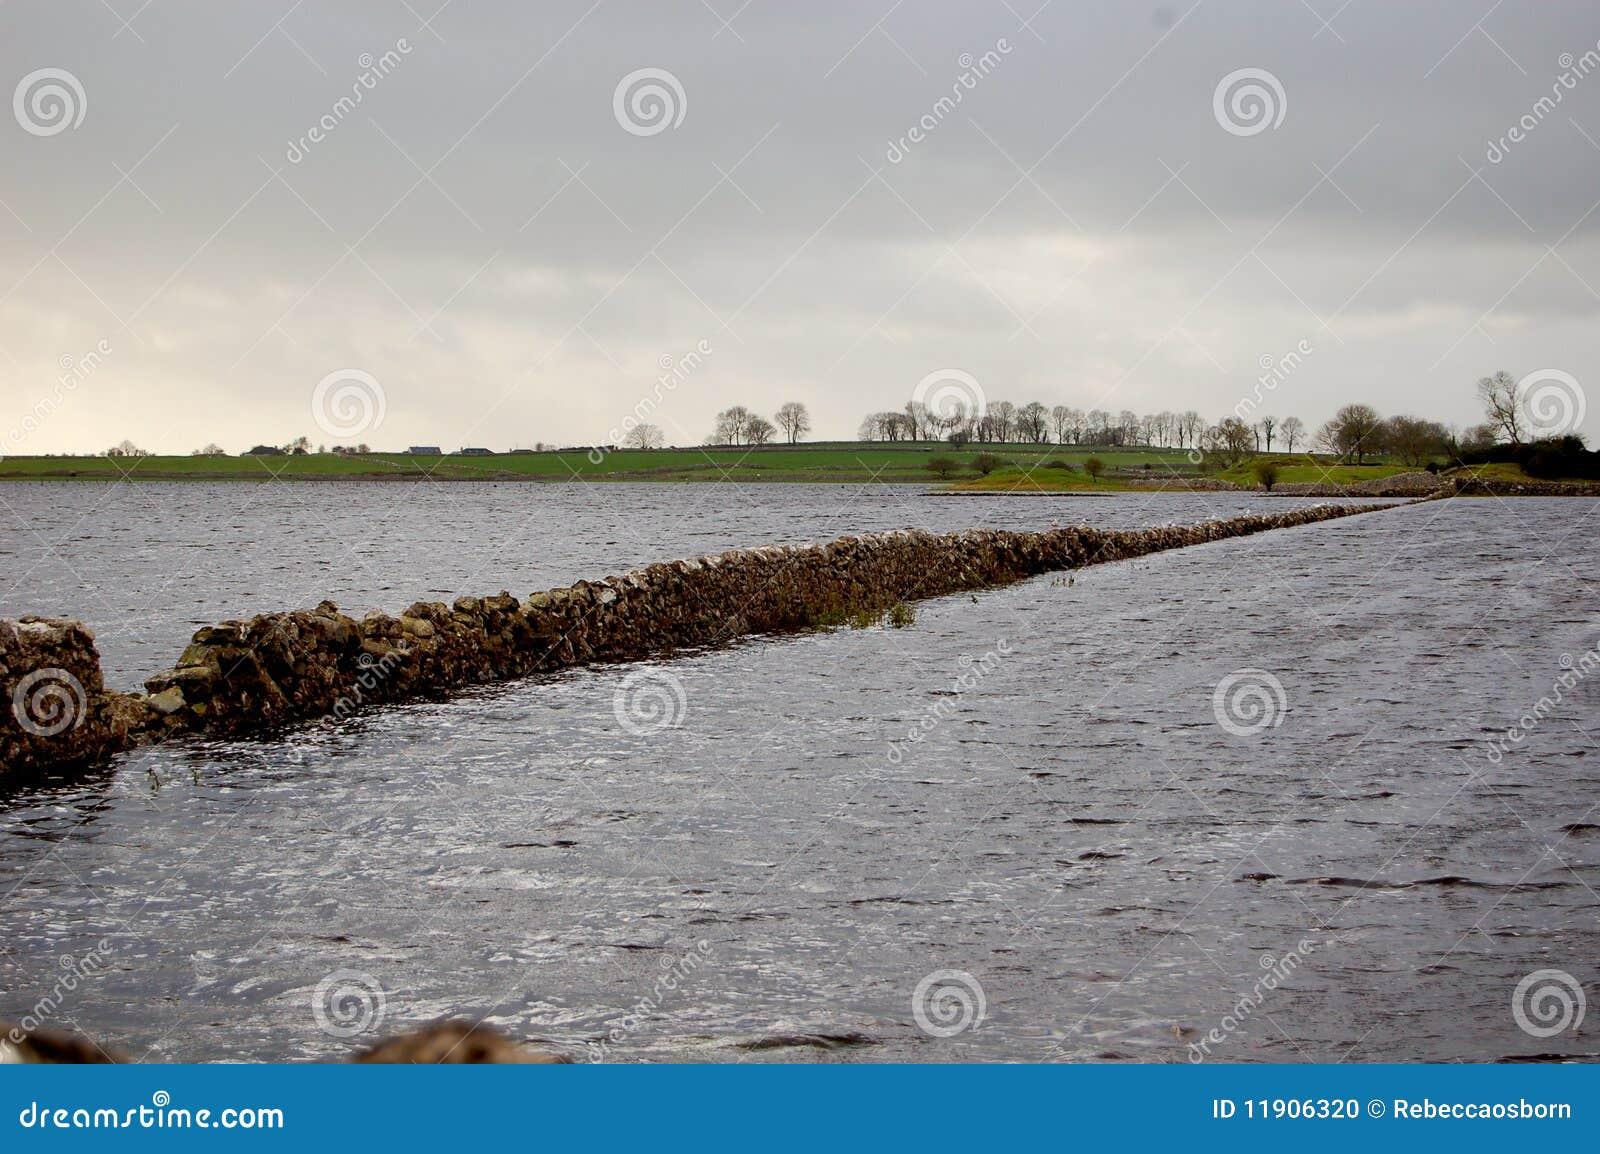 Fields Flooded